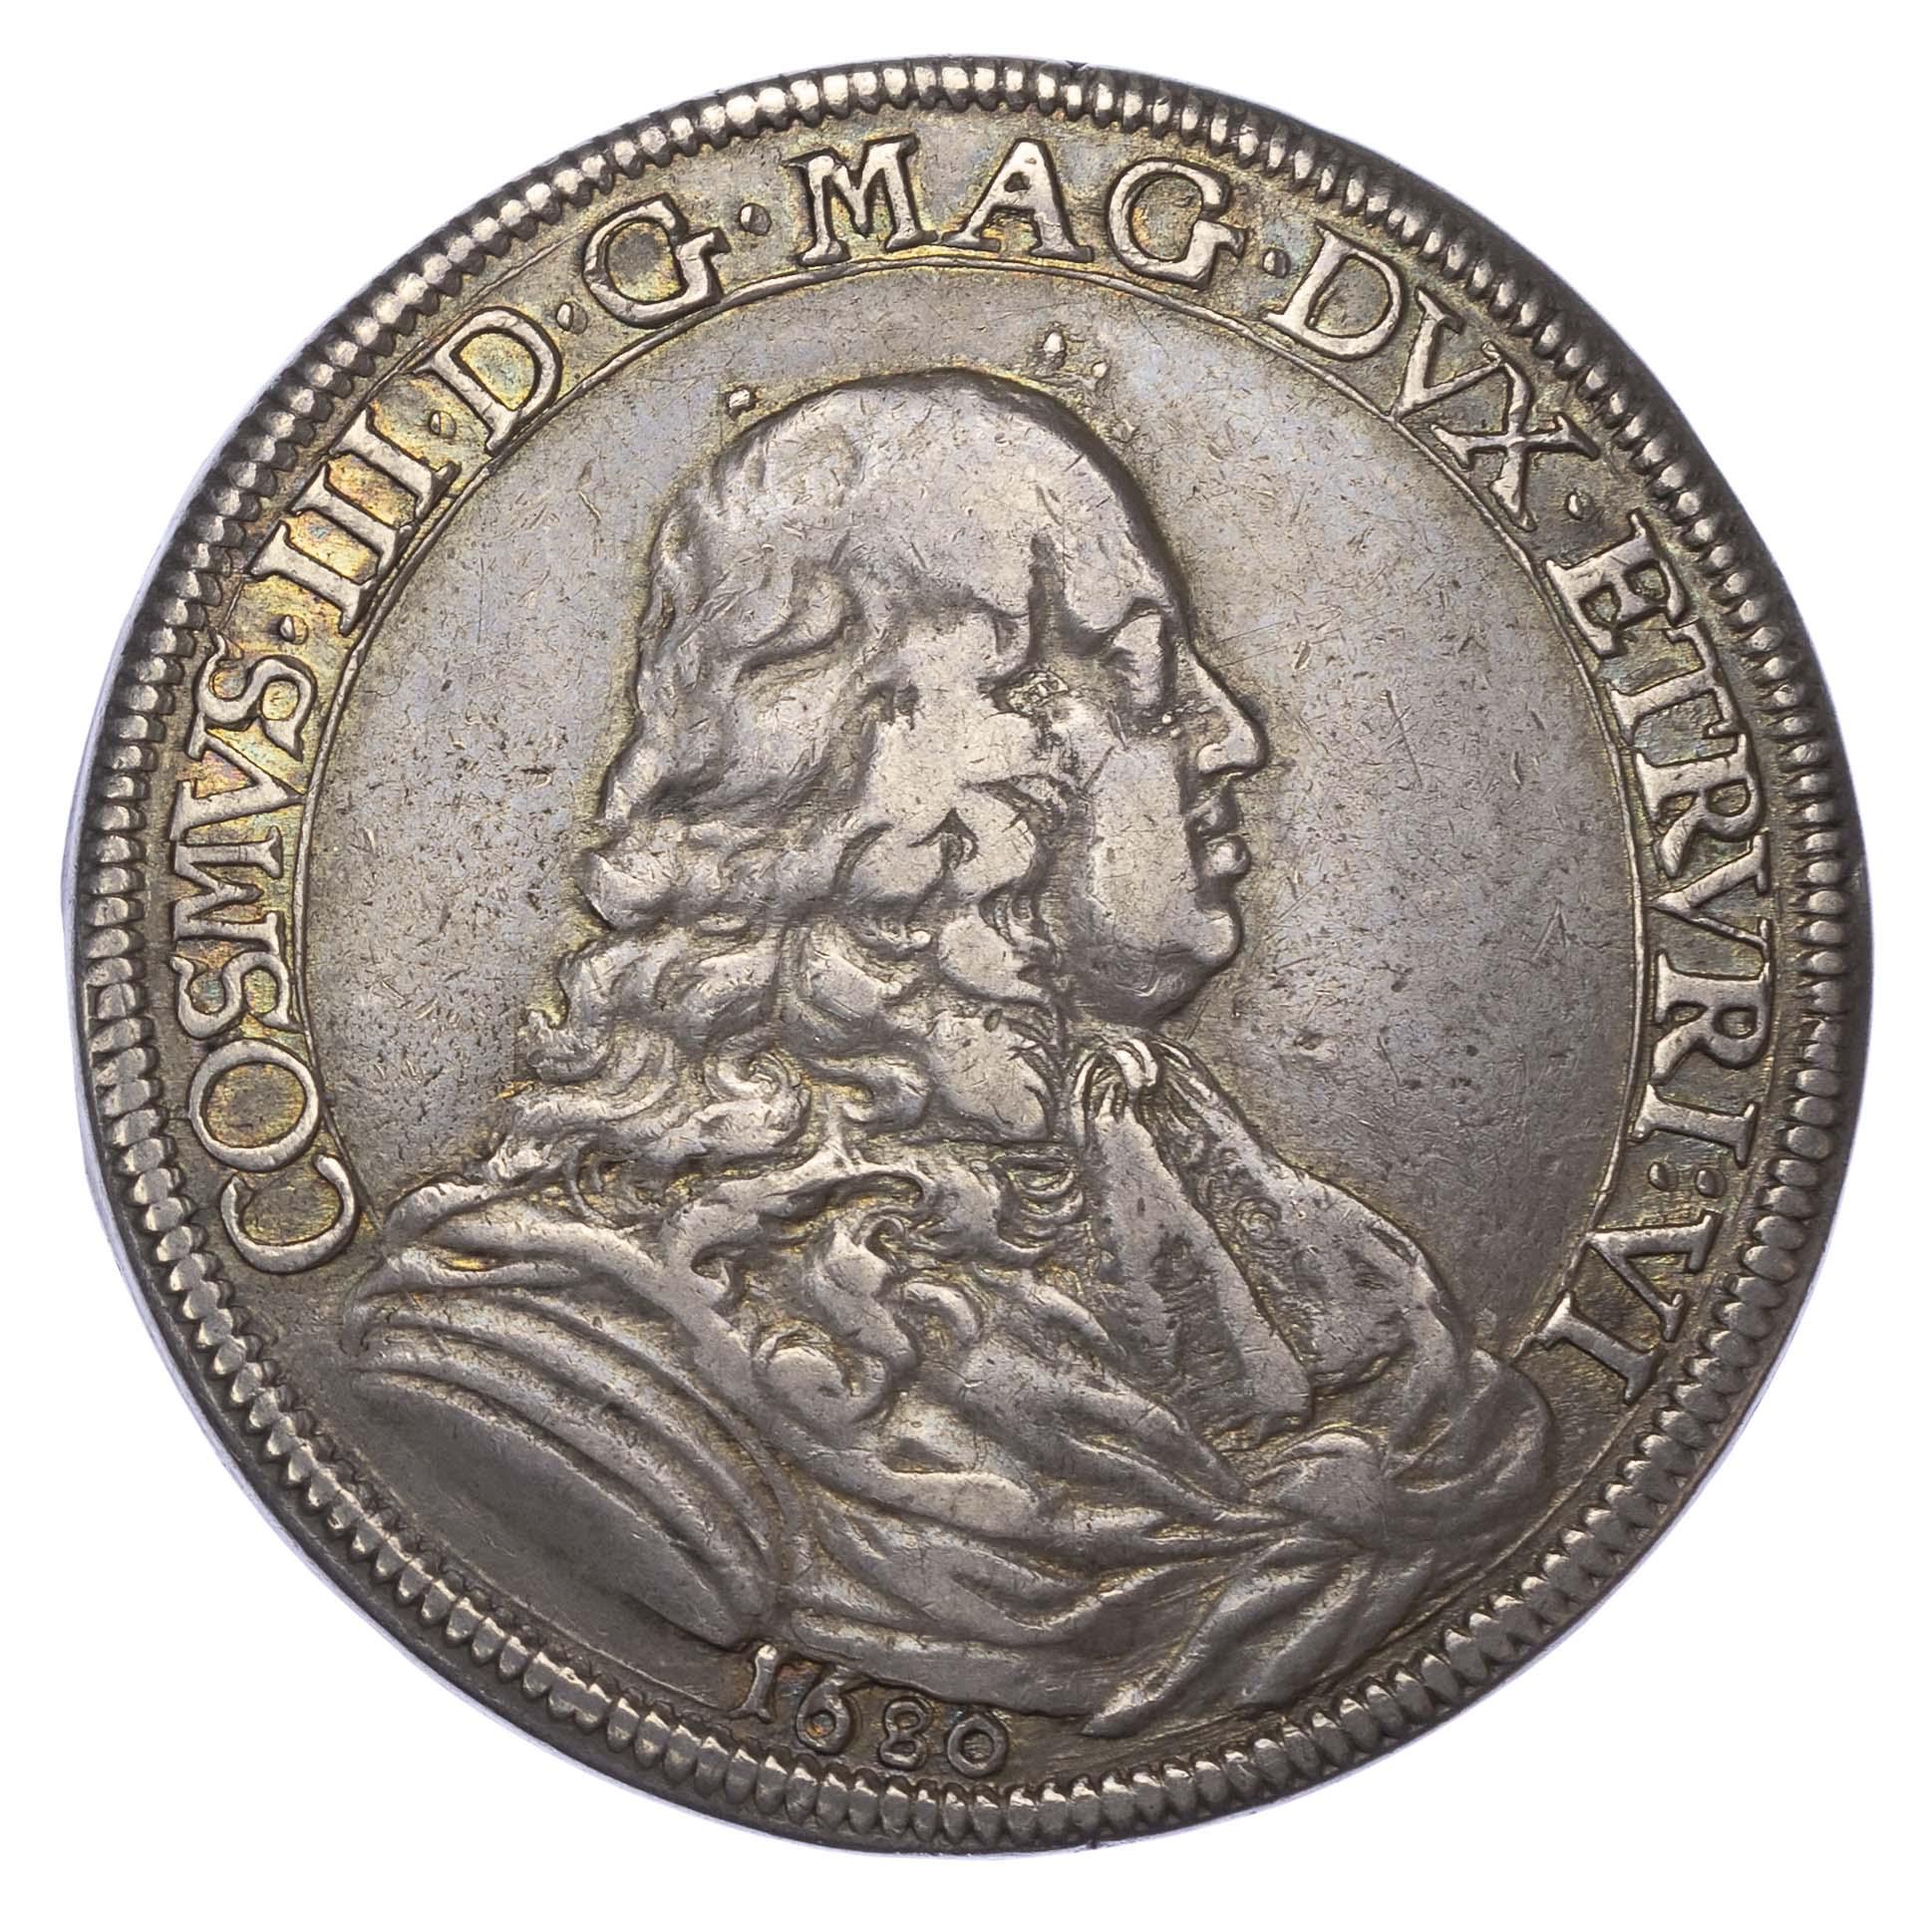 Italy, Florence, Cosimo III de' Medici (1670-1723), silver Piastra